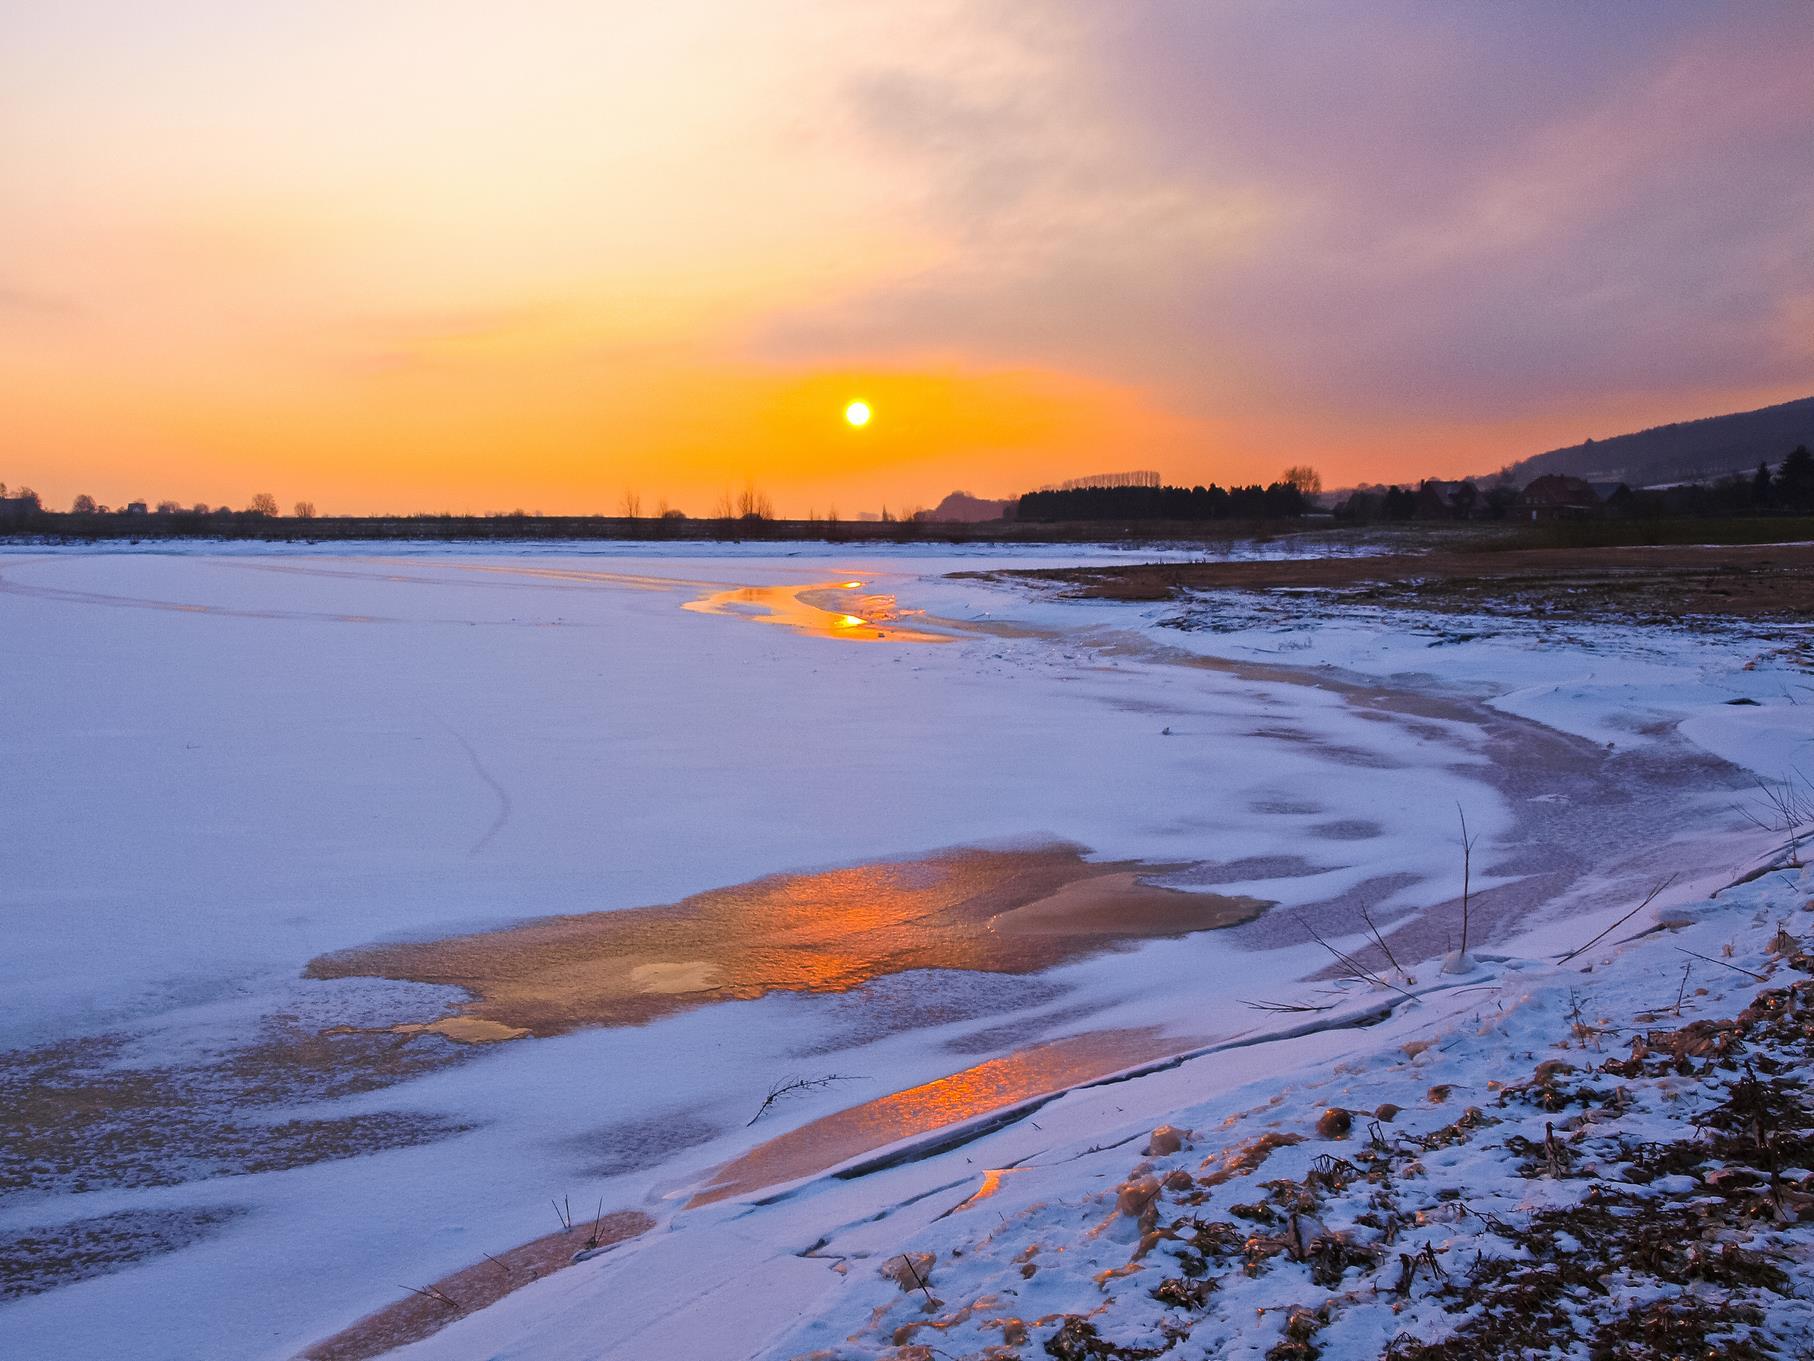 Sonnenaufgang am mittleren Teich über dem verschneiten und vereisten Wasser.